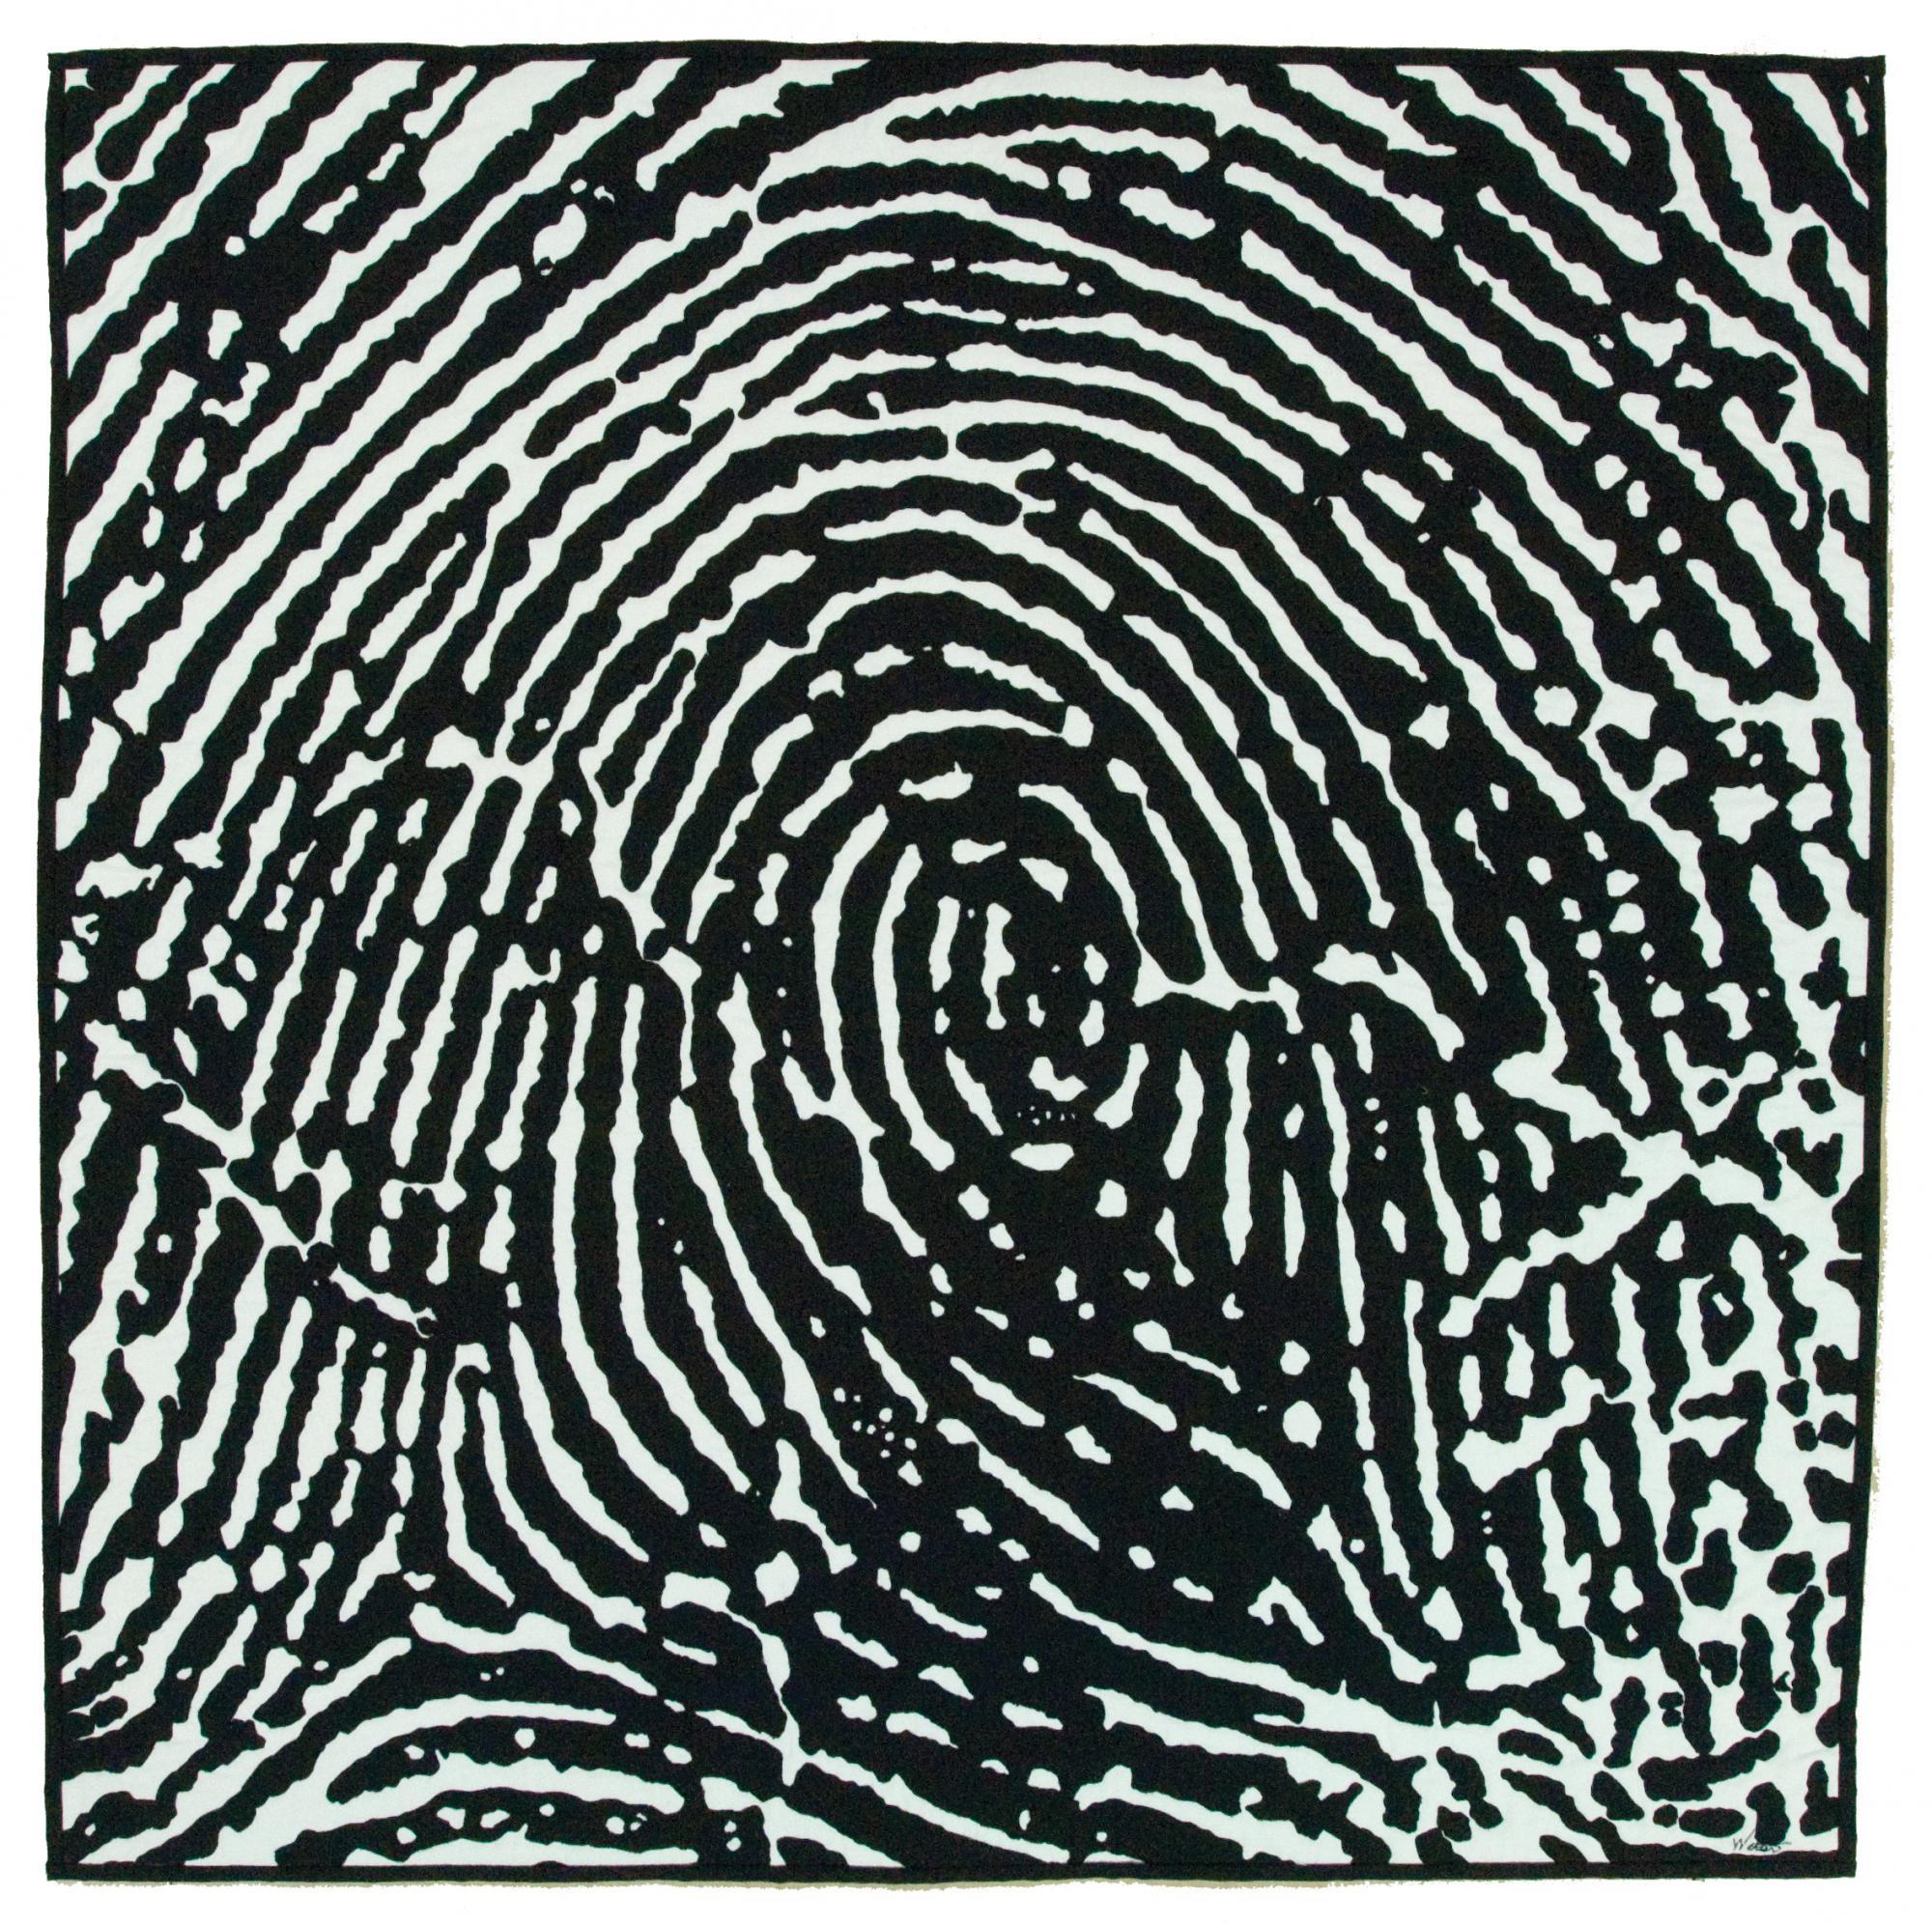 Fingerprint Series